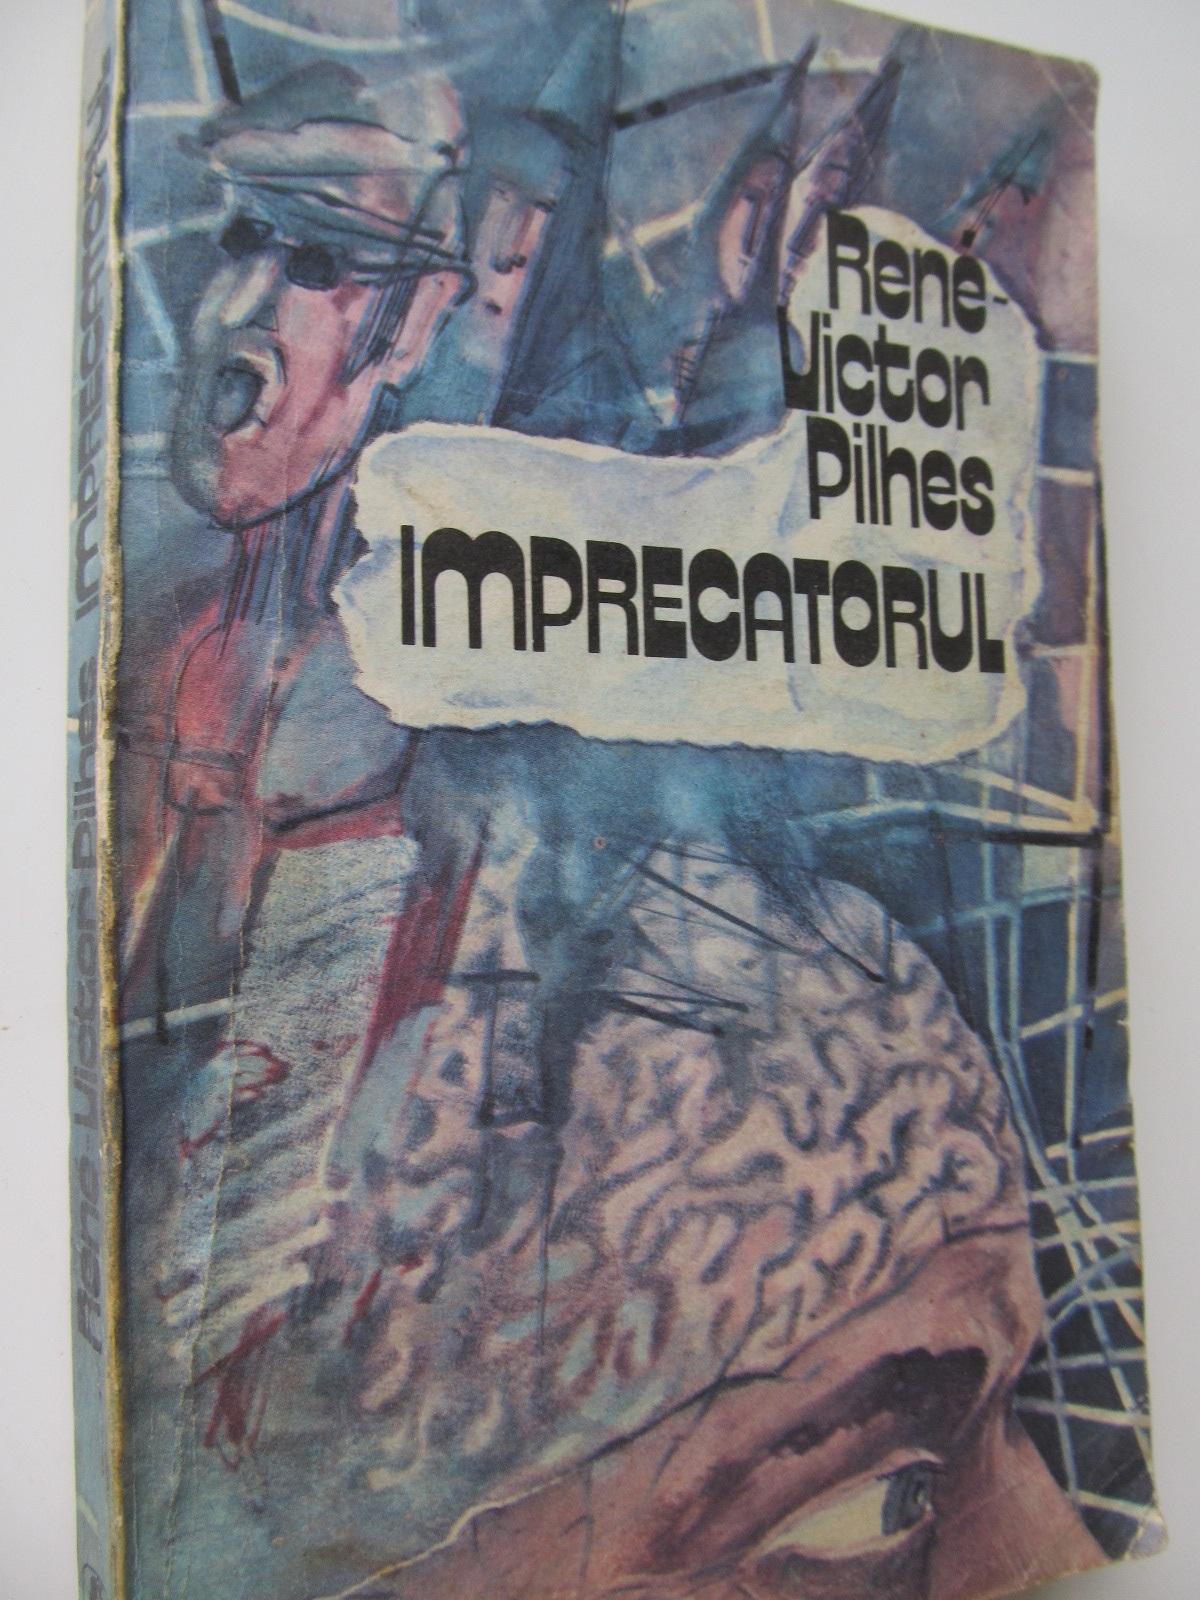 Imprecatorul - Rene Victor Pilhes | Detalii carte